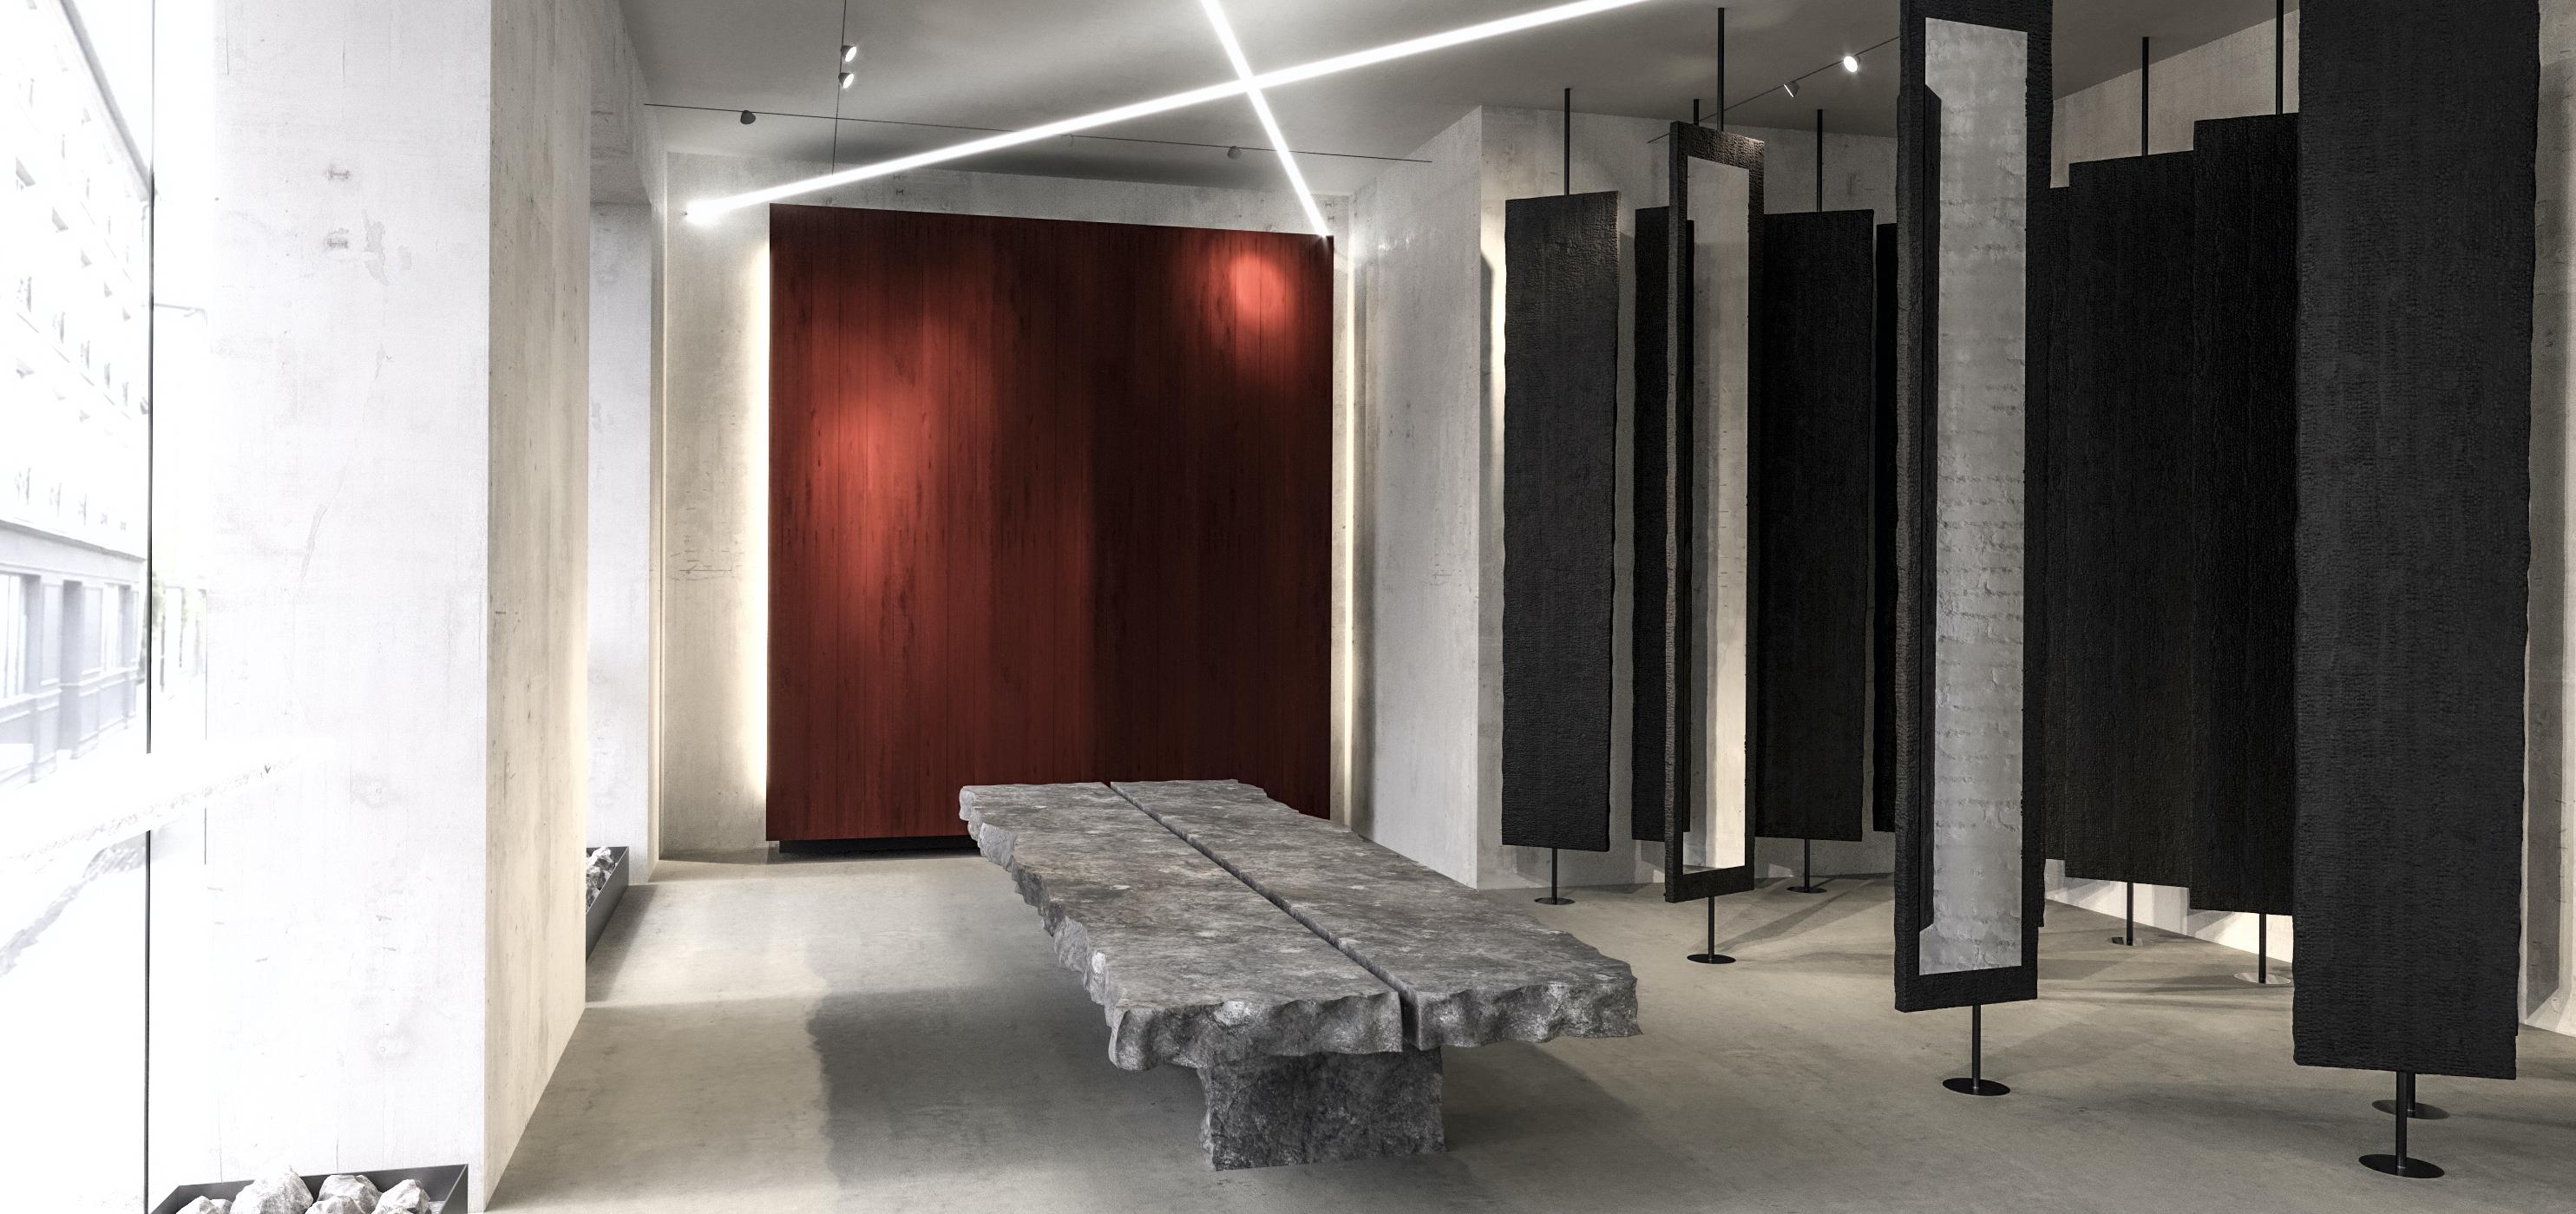 Sandqvist öppnar butik i Paris